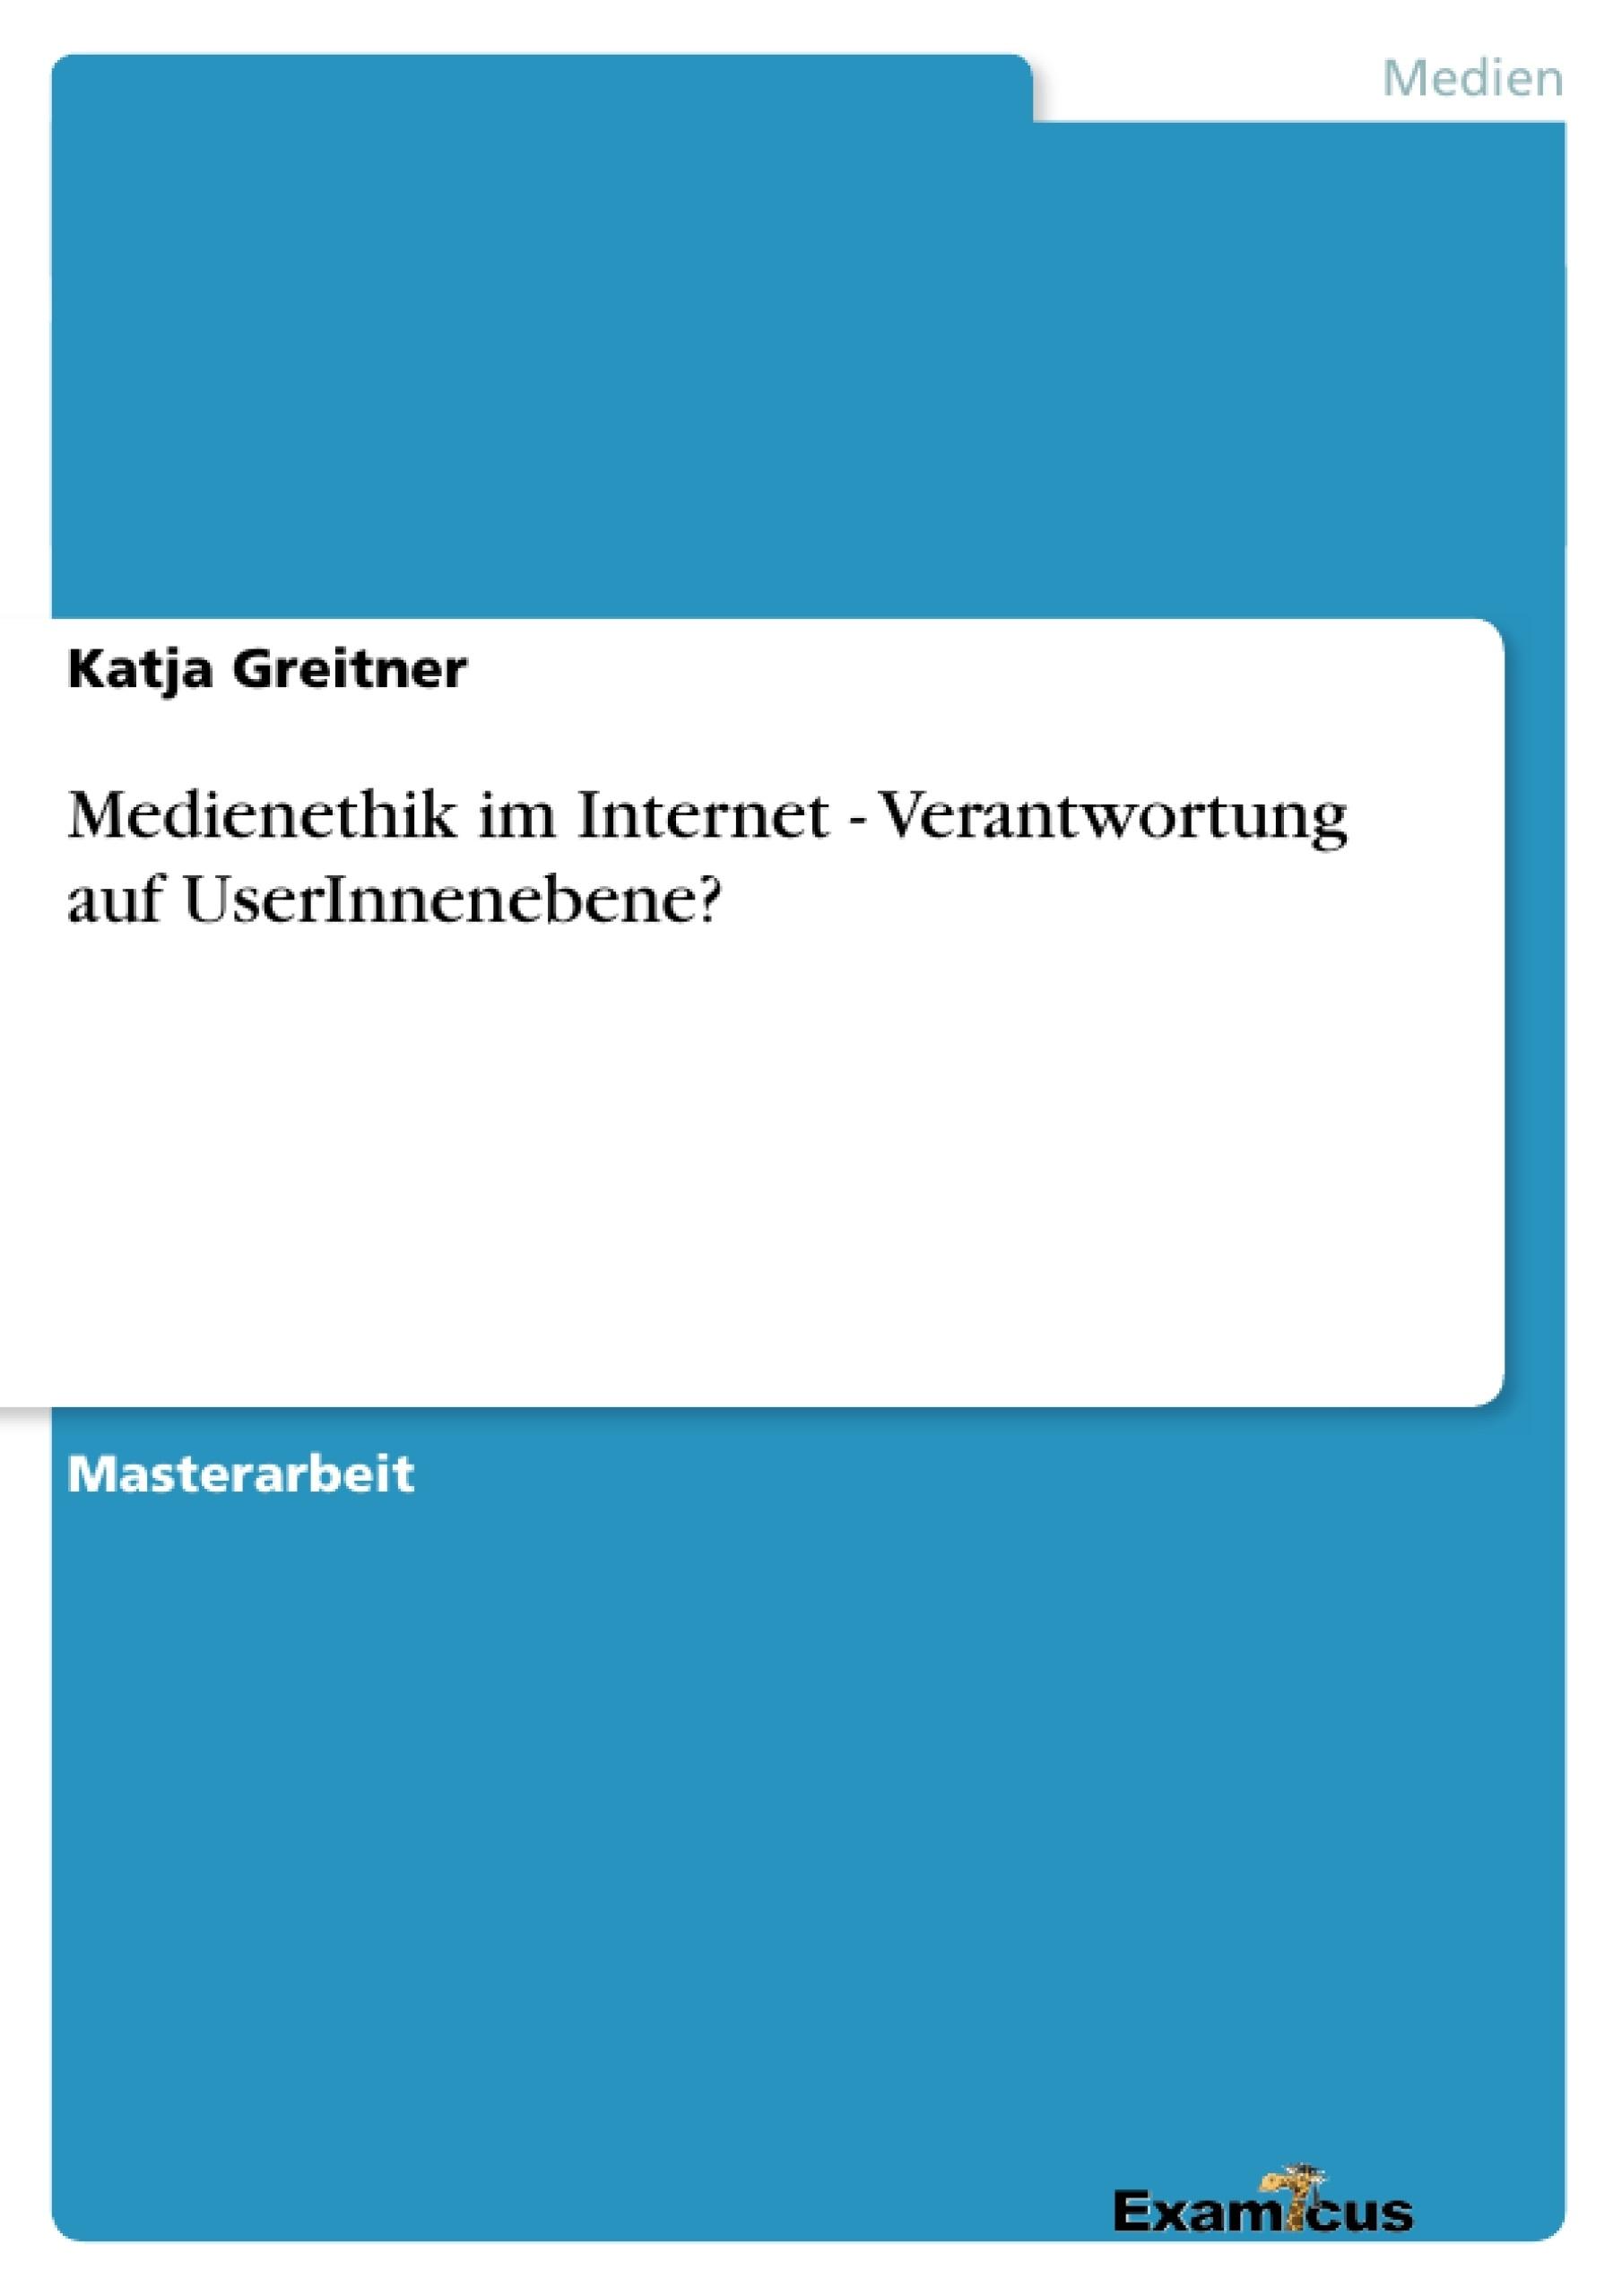 Titel: Medienethik im Internet - Verantwortung auf UserInnenebene?